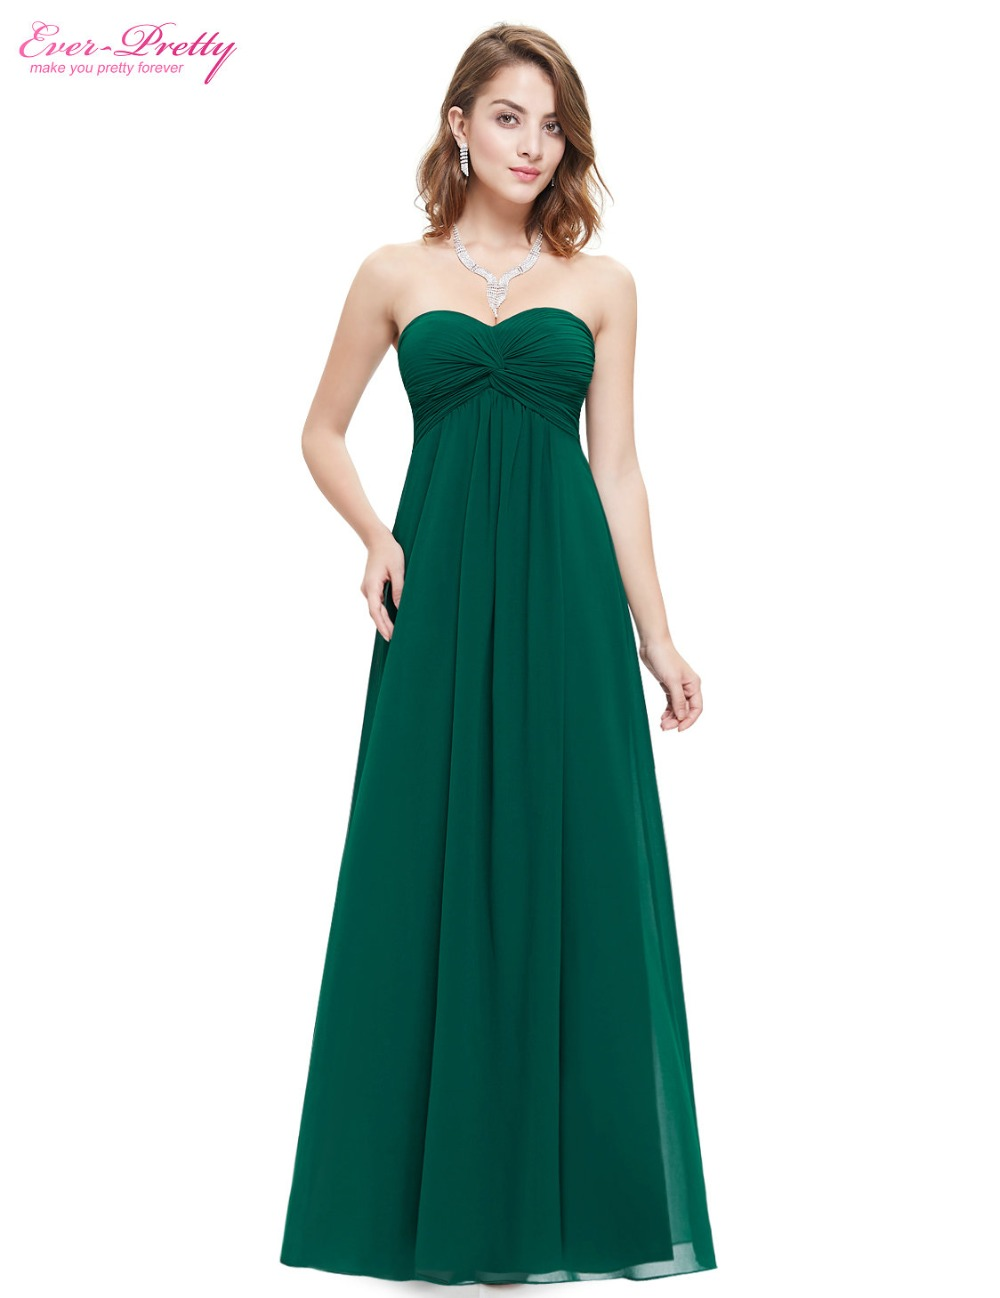 [해외]신부 들러리 드레스 2016 웨딩 파티 드레스 적이 꽤 HE08084..